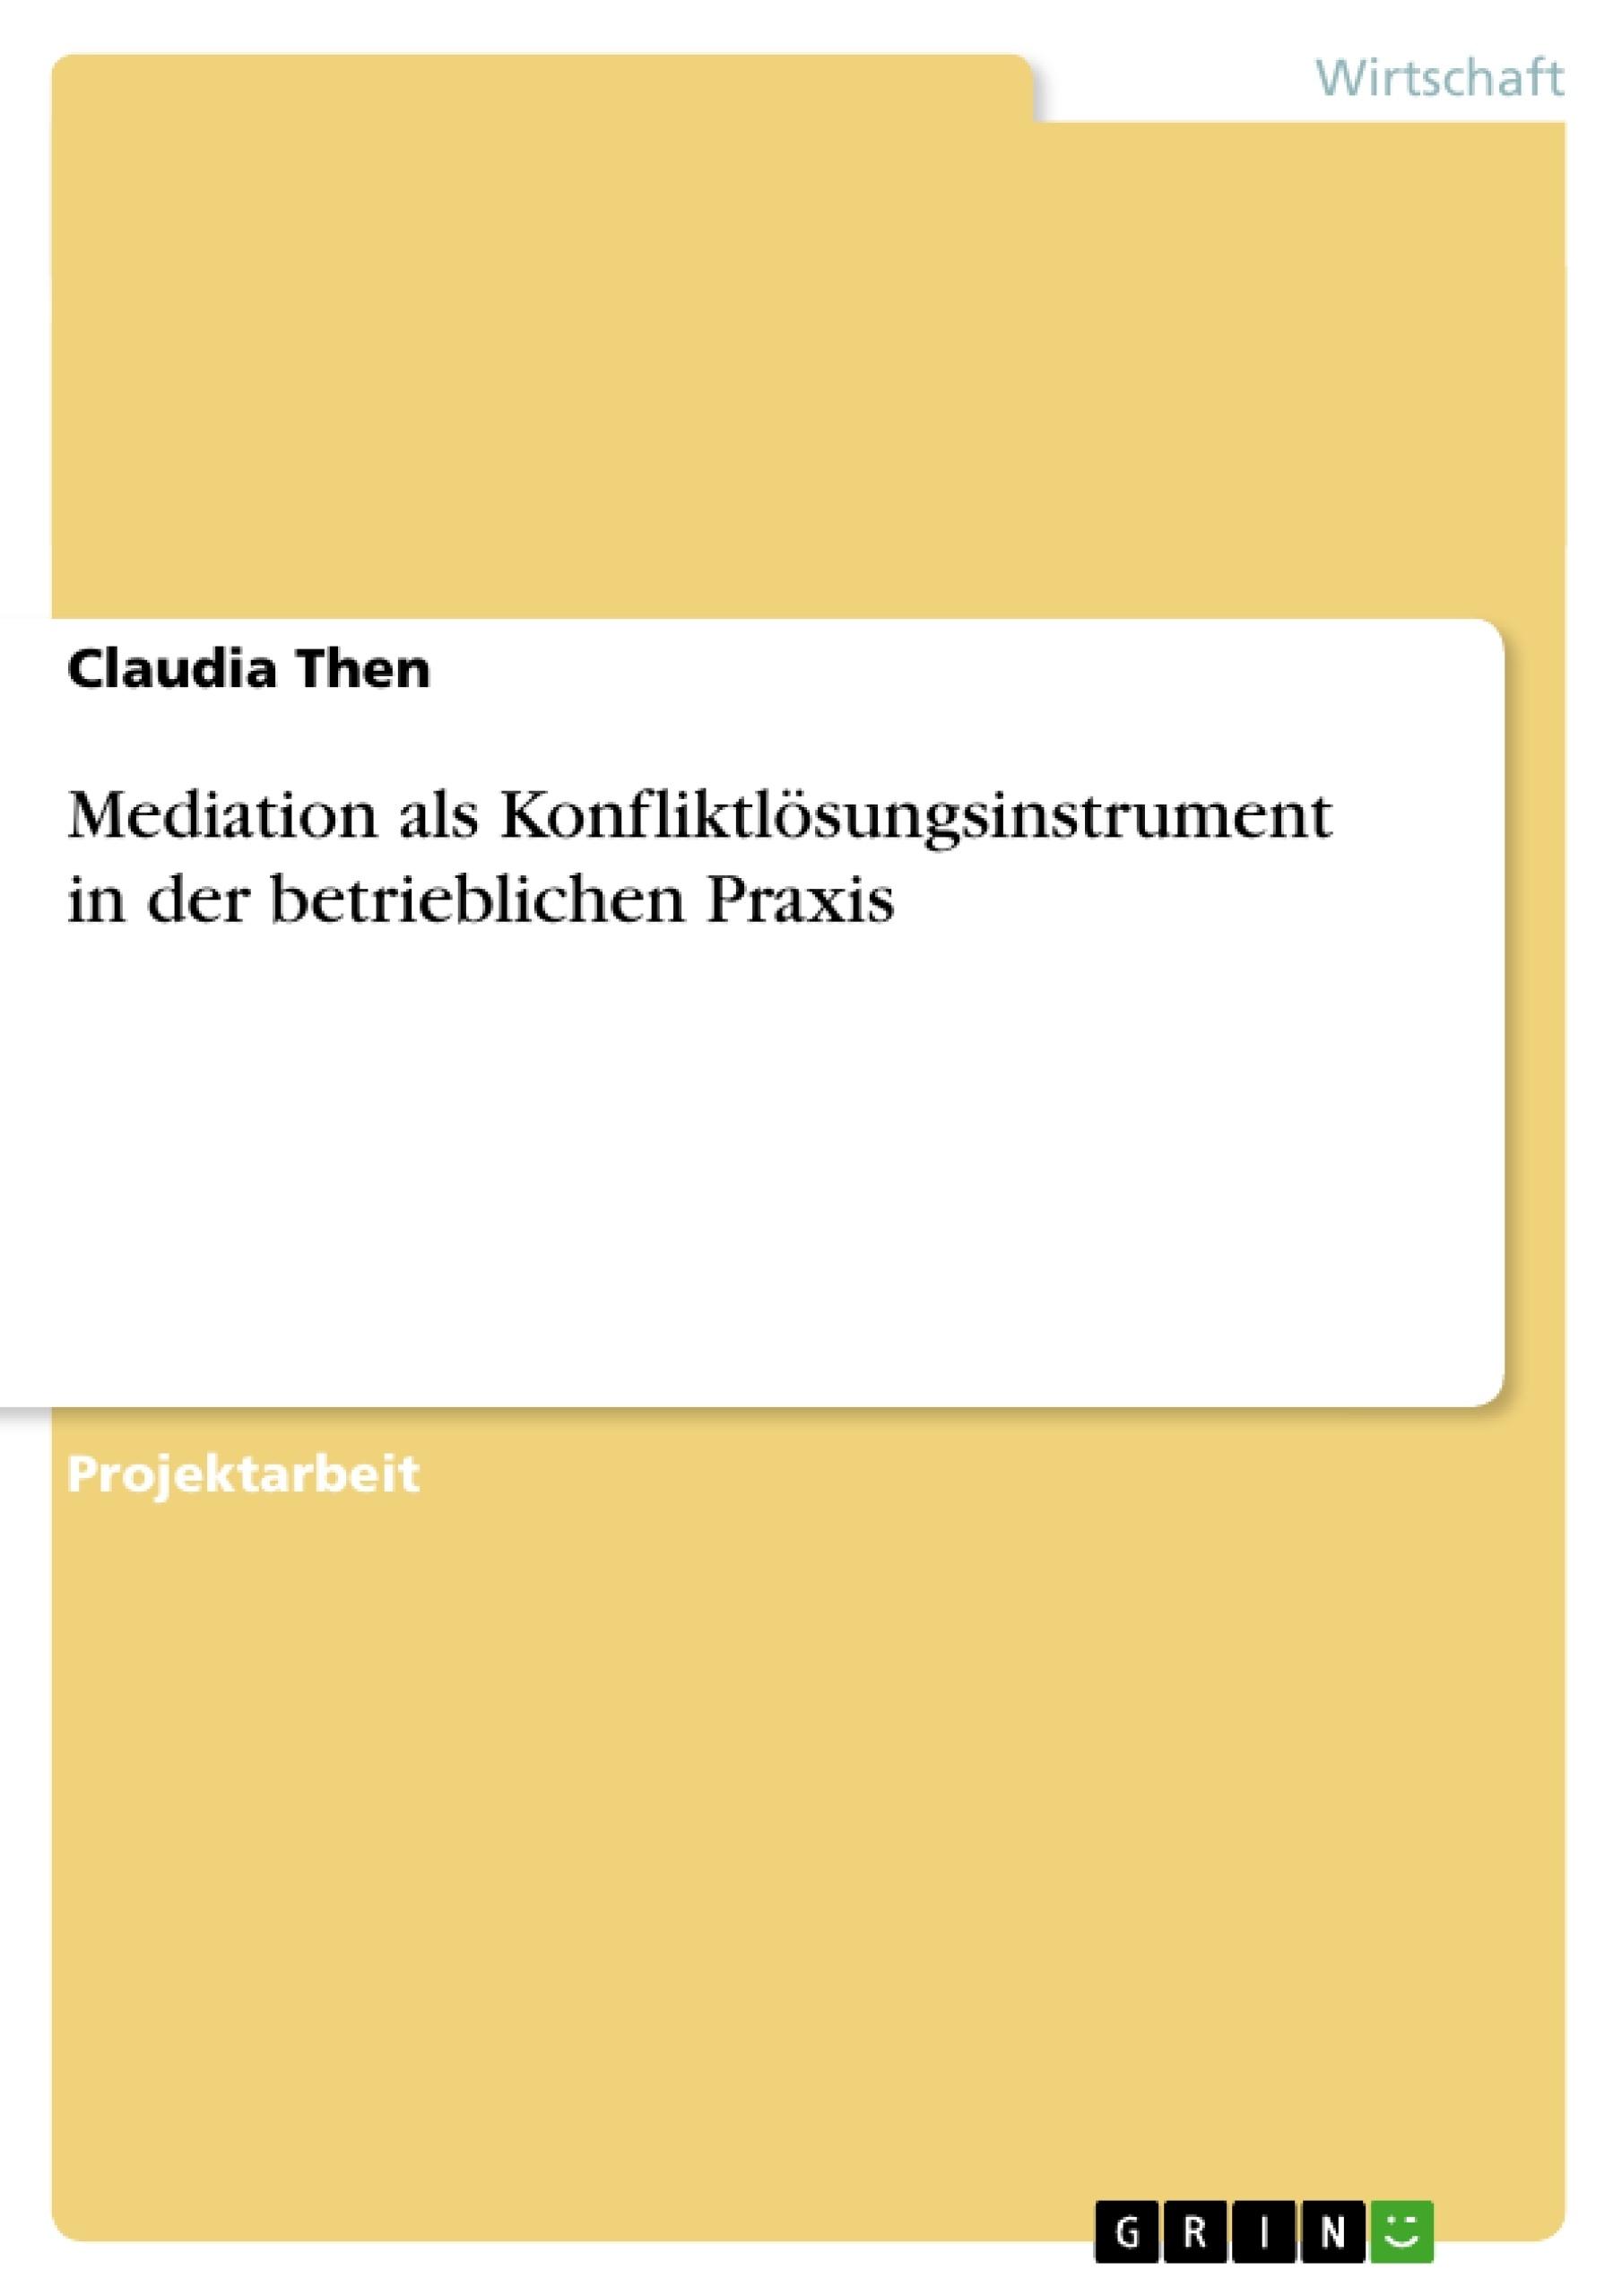 Titel: Mediation als Konfliktlösungsinstrument in der betrieblichen Praxis